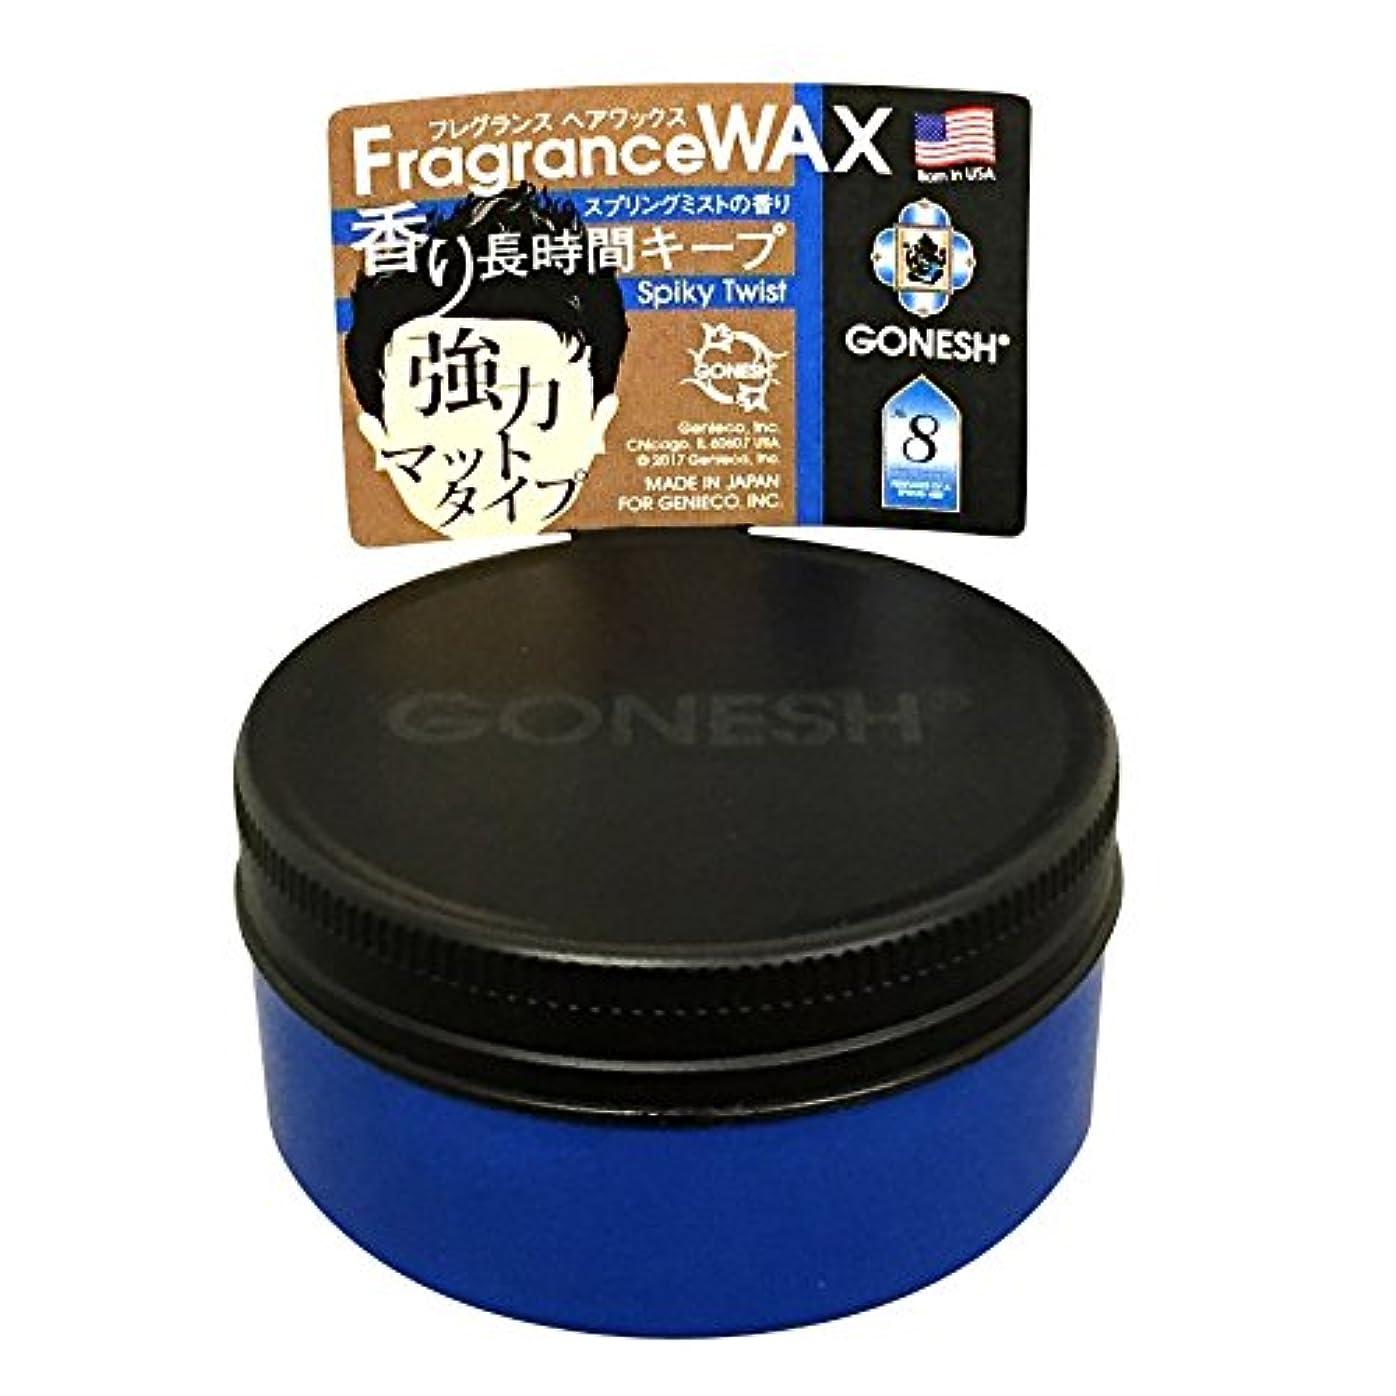 検索エンジンマーケティング却下する悪名高いGONESH フレグランスヘアワックス(スタイリング剤) NO.8 強力マットタイプ 60g